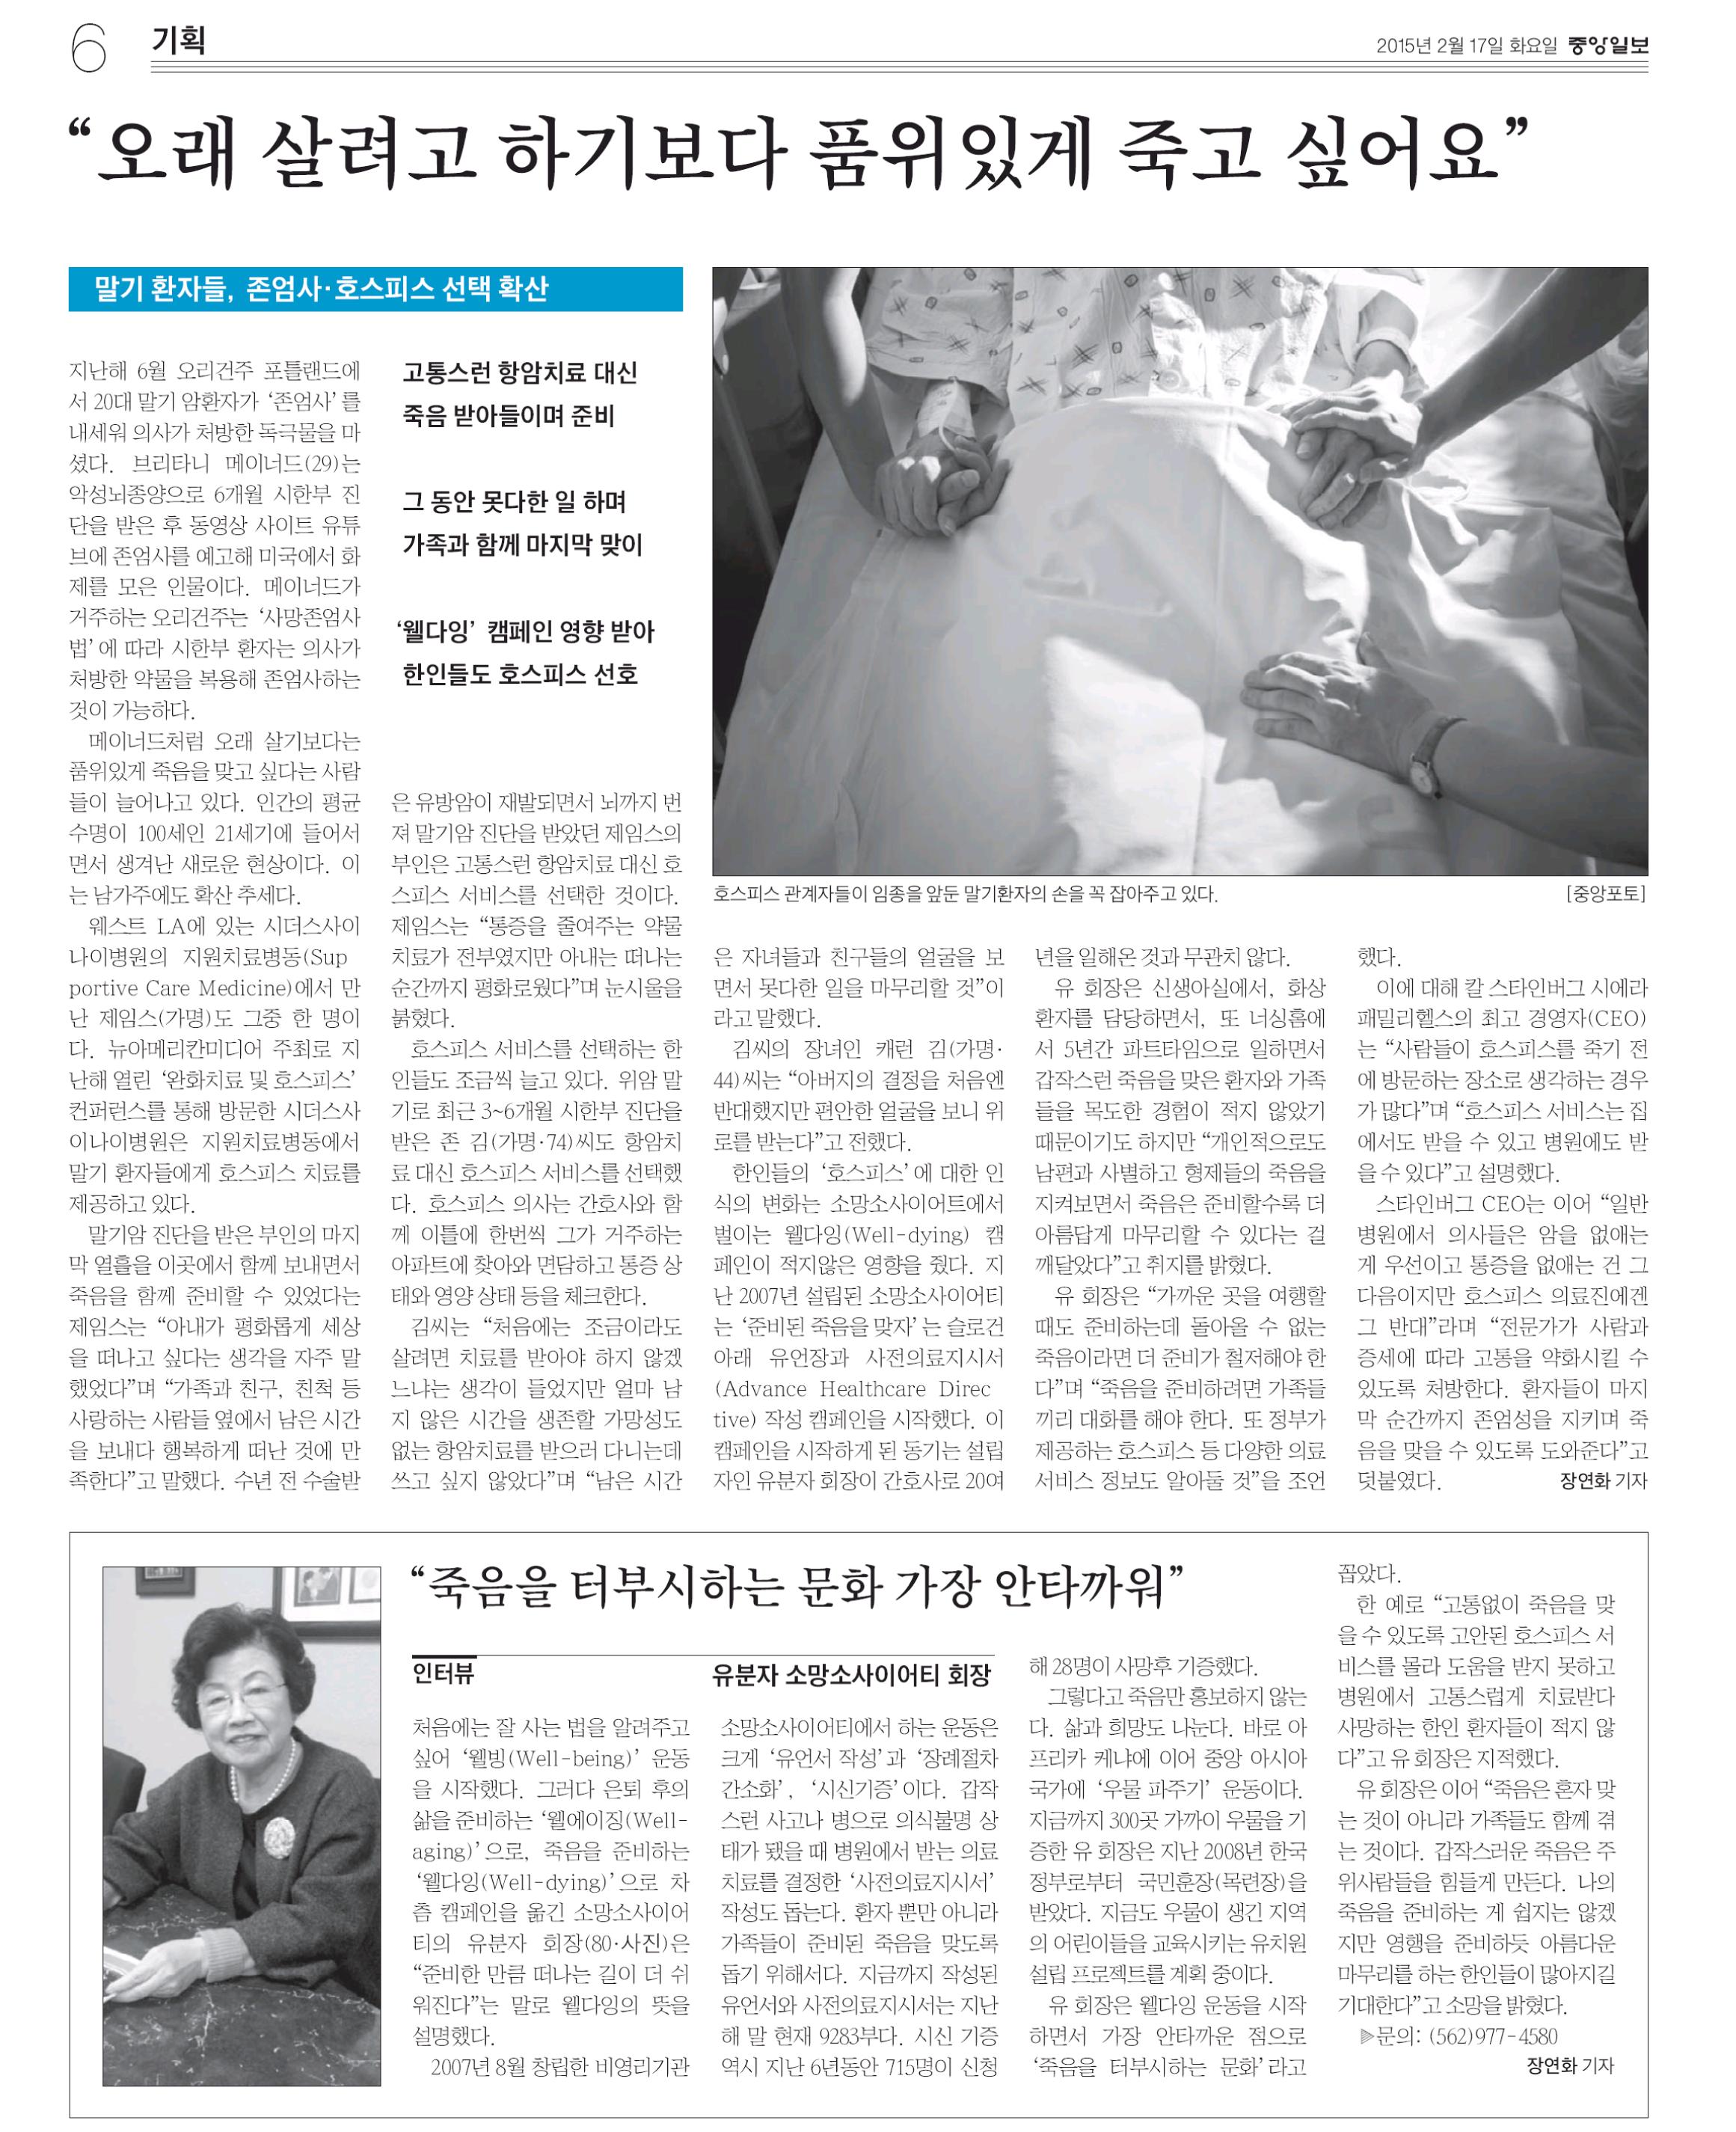 아시안 오래 살지만 '웰 다잉' 잘 못한다 [중앙일보]